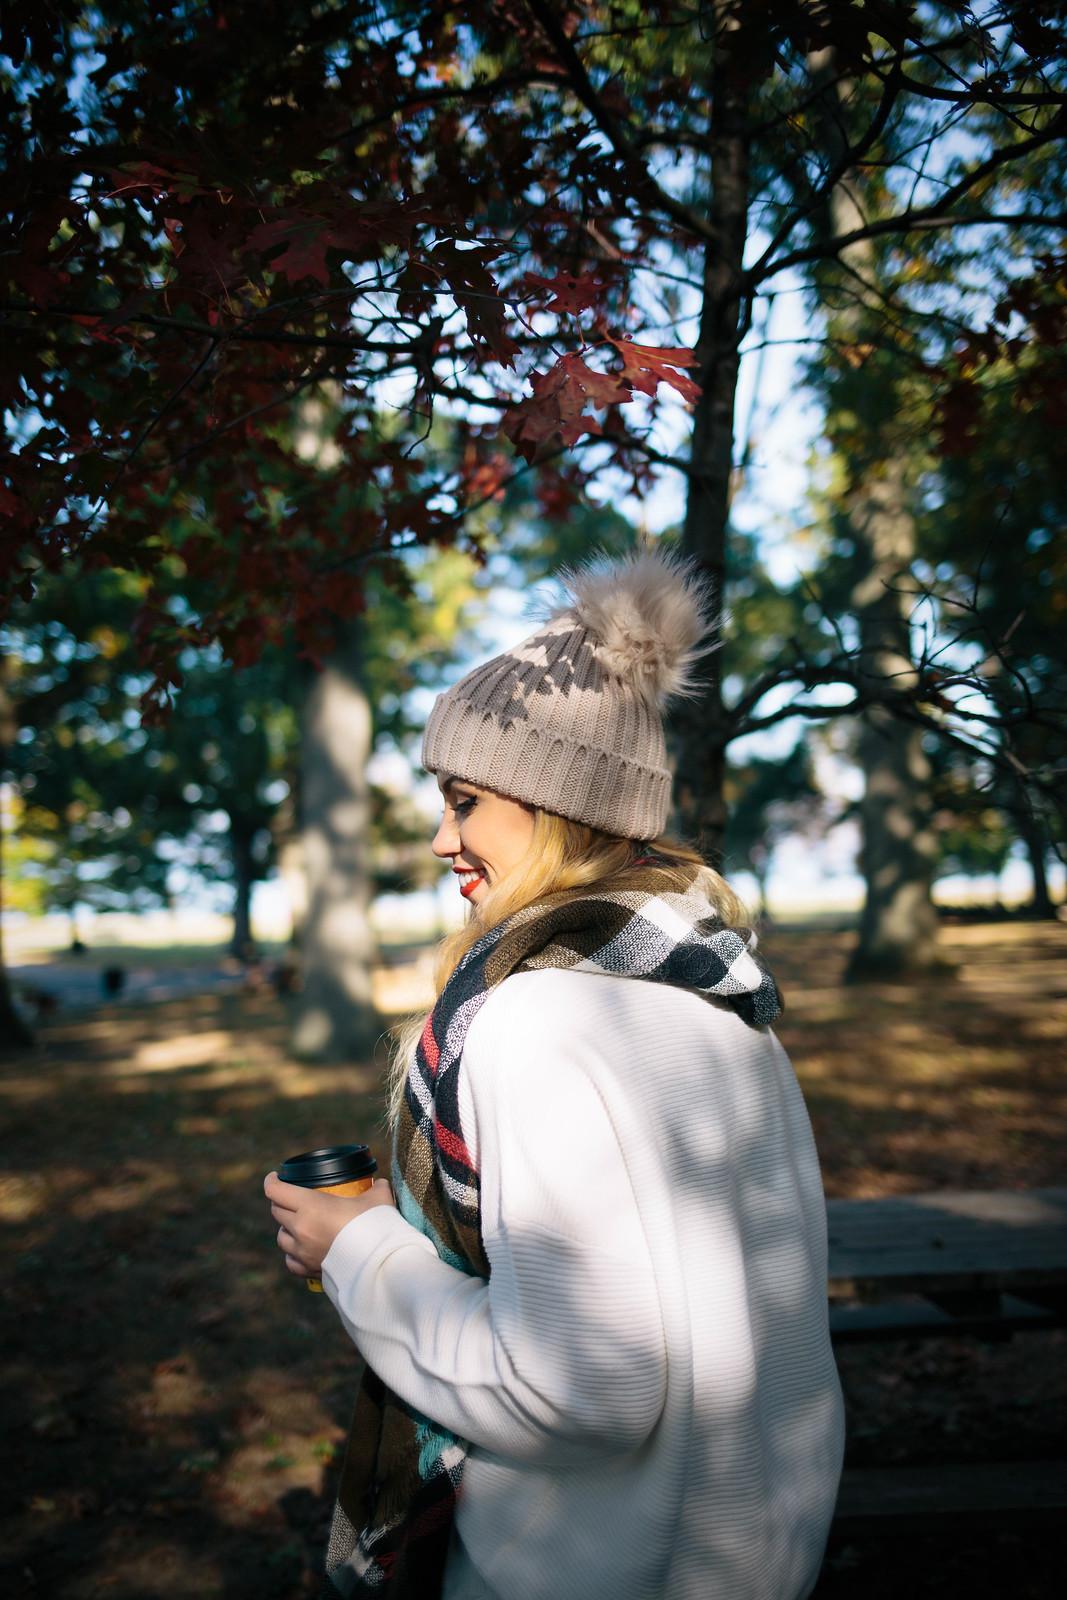 Fall Foliage Pom Pom Beanie Plaid Scarf White Sweater